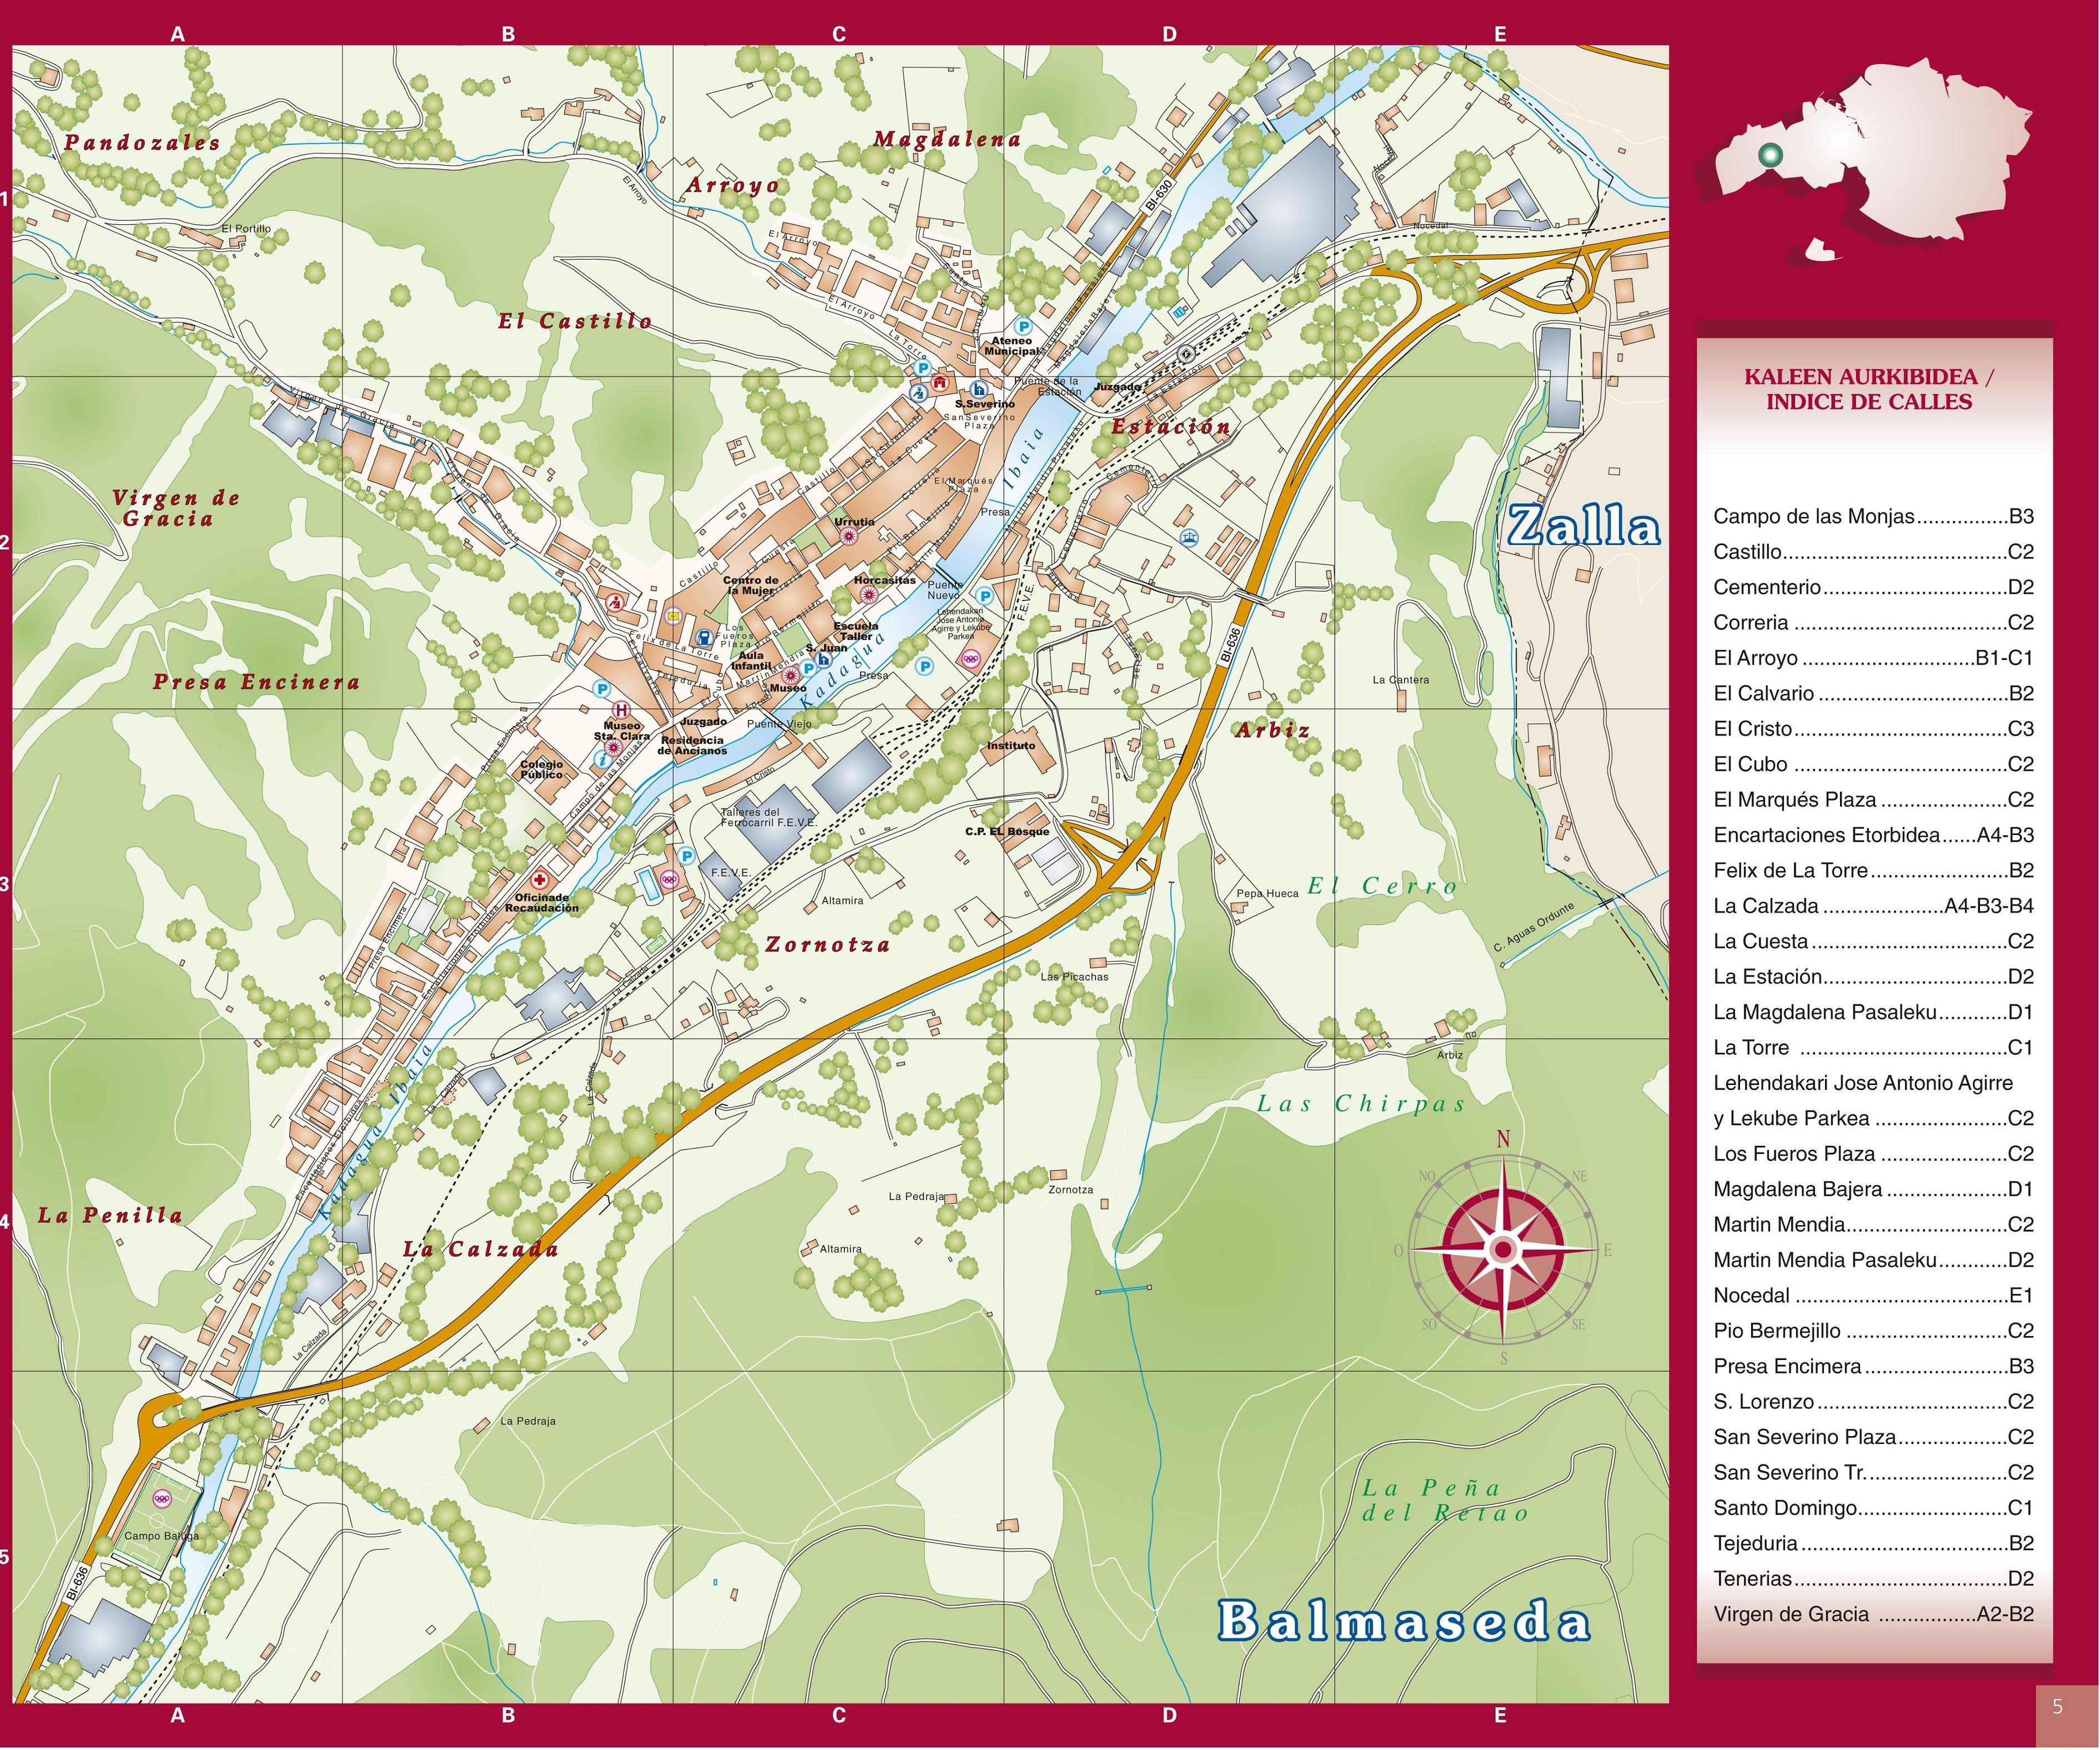 Balmaseda map 2004